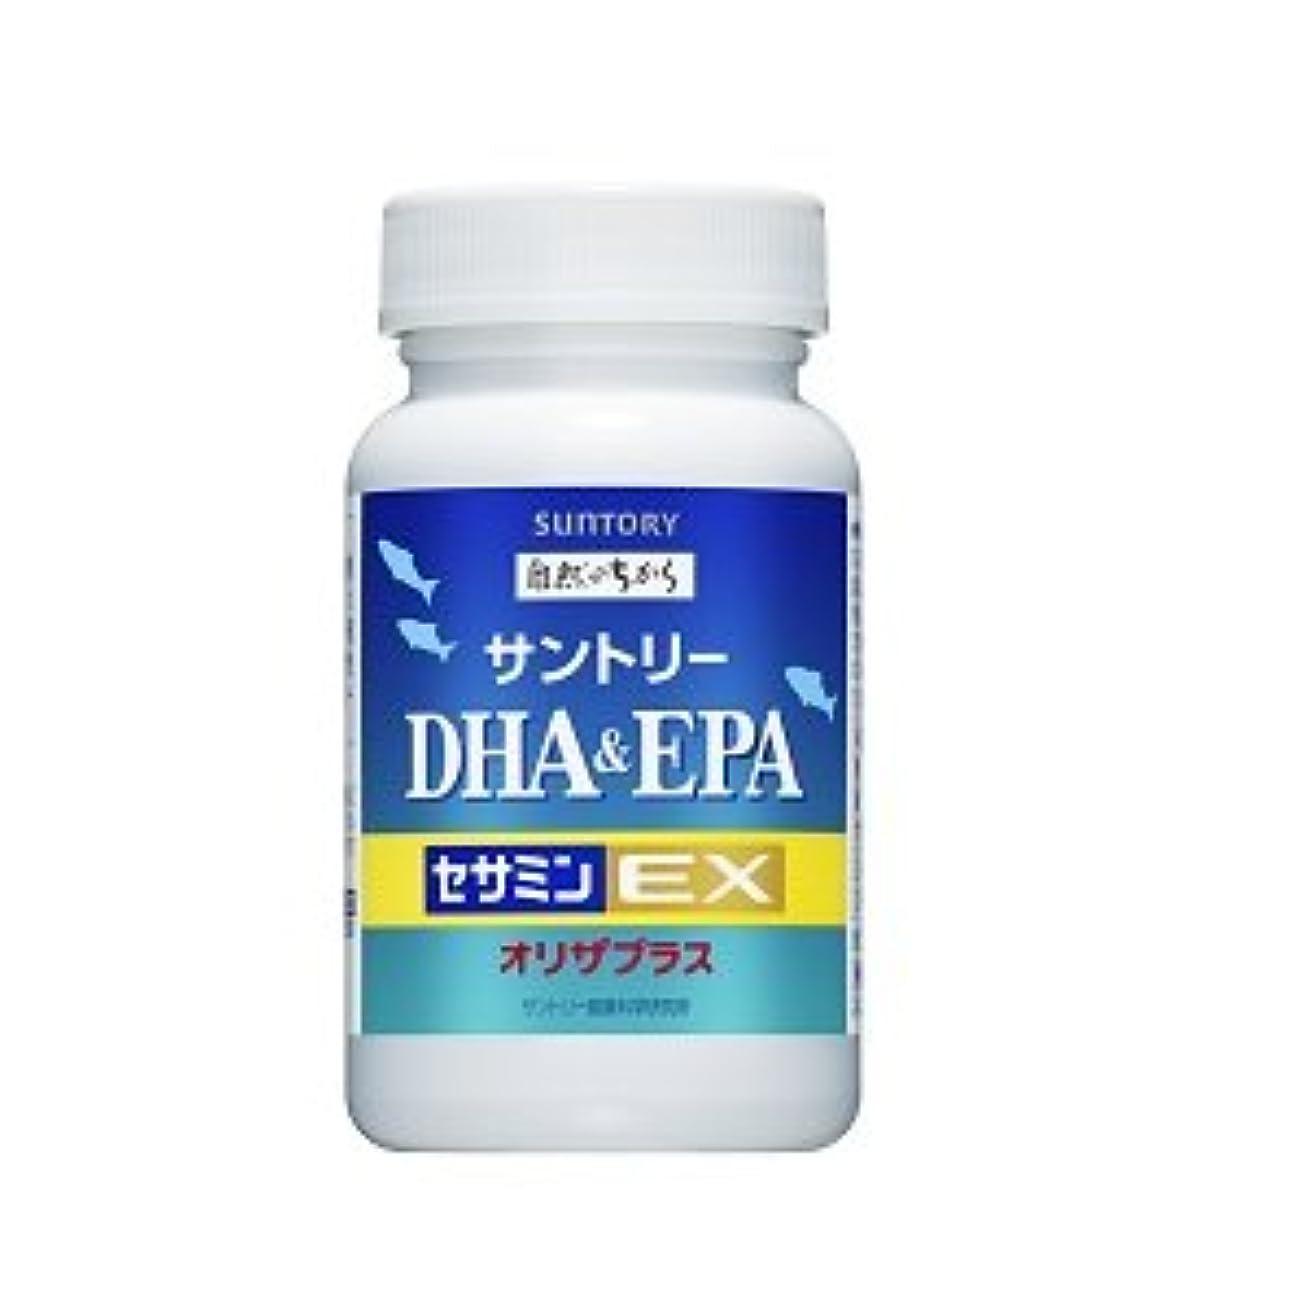 パテメッセンジャー抽象化サントリー DHA&EPA+セサミンEX 240粒 201707~09